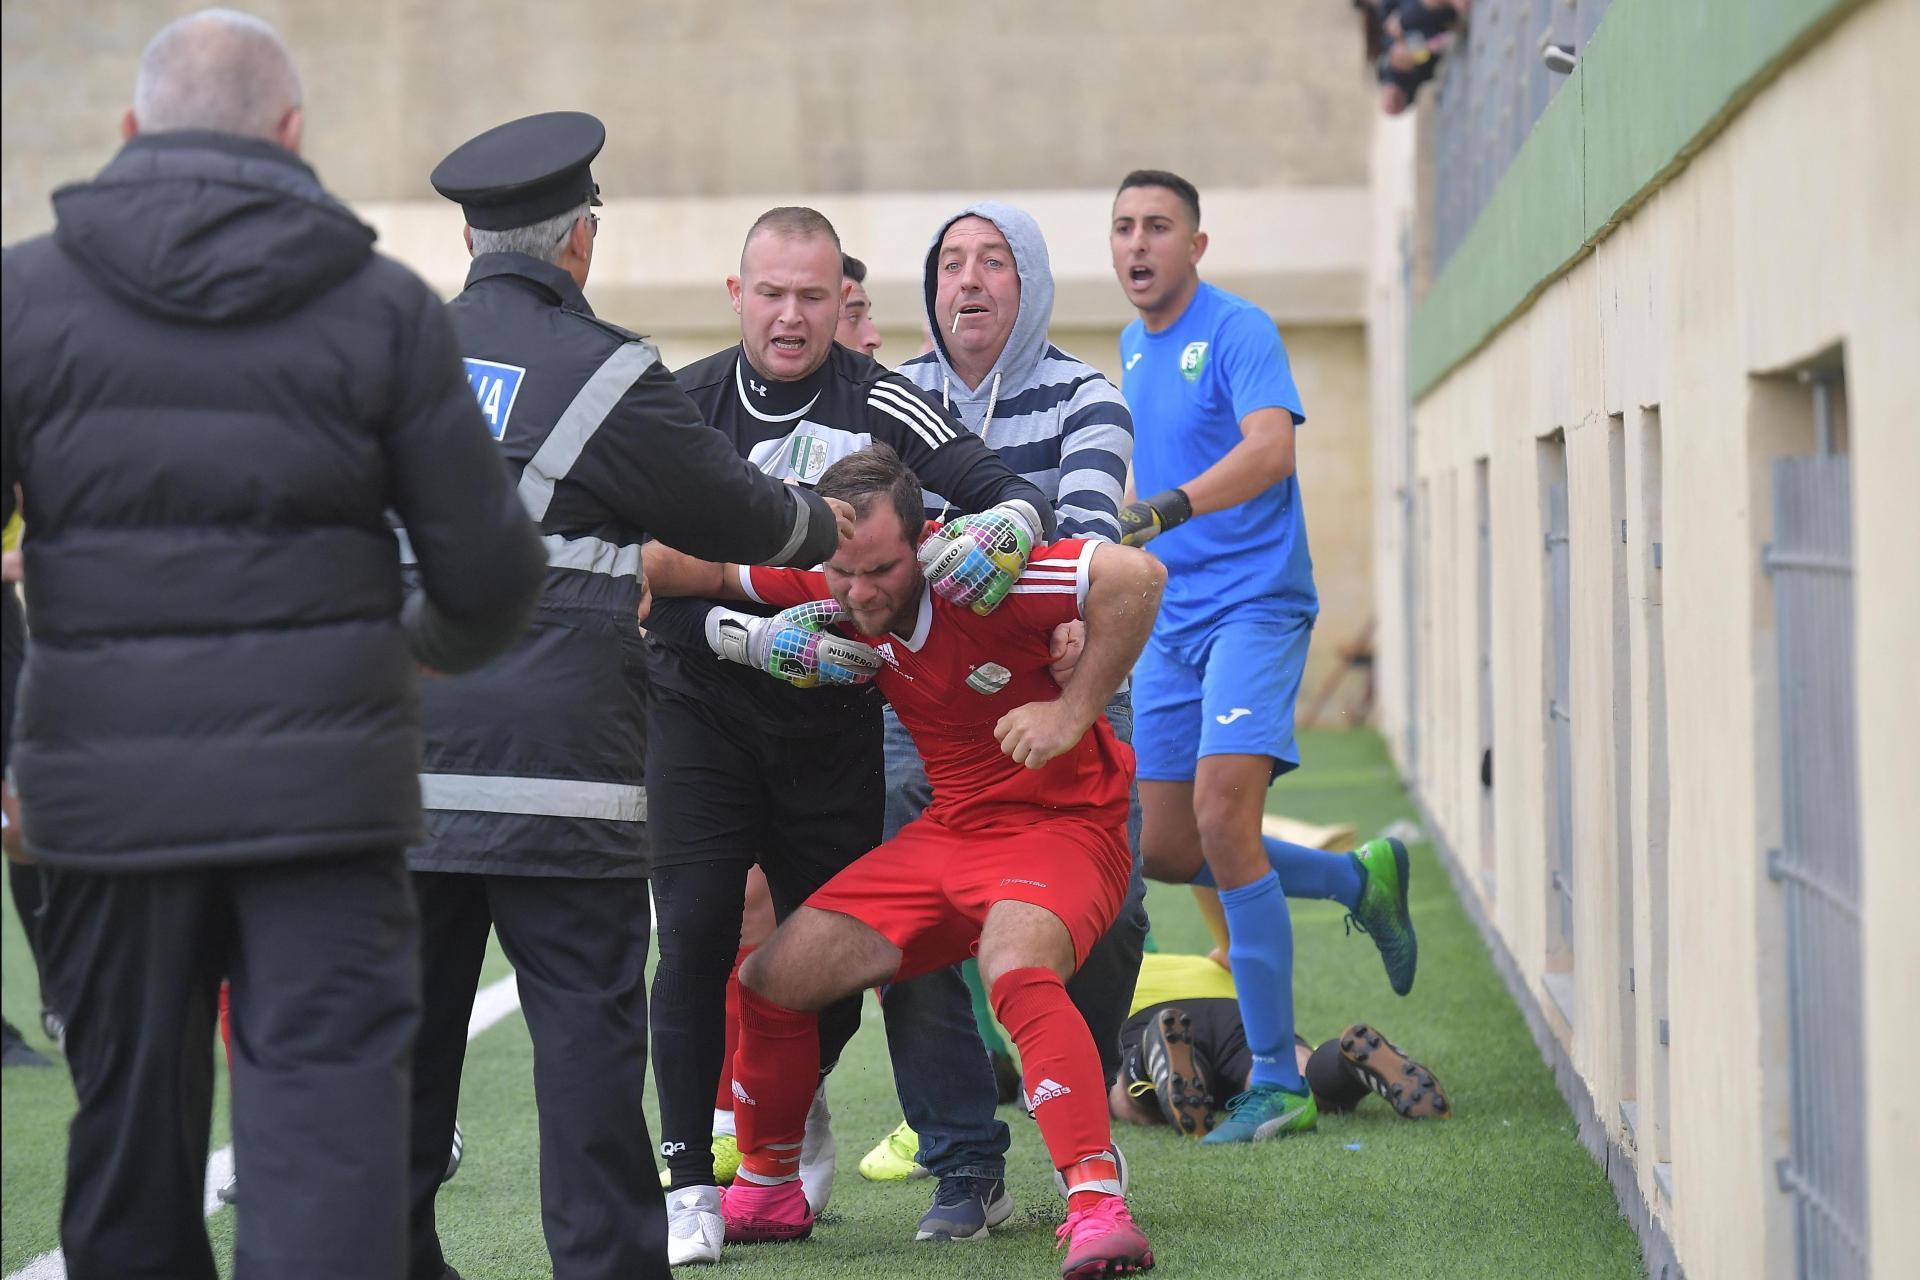 Futbolçu hakimi vurdu, qandallandı, oyun yarımçıq qaldı - VİDEO